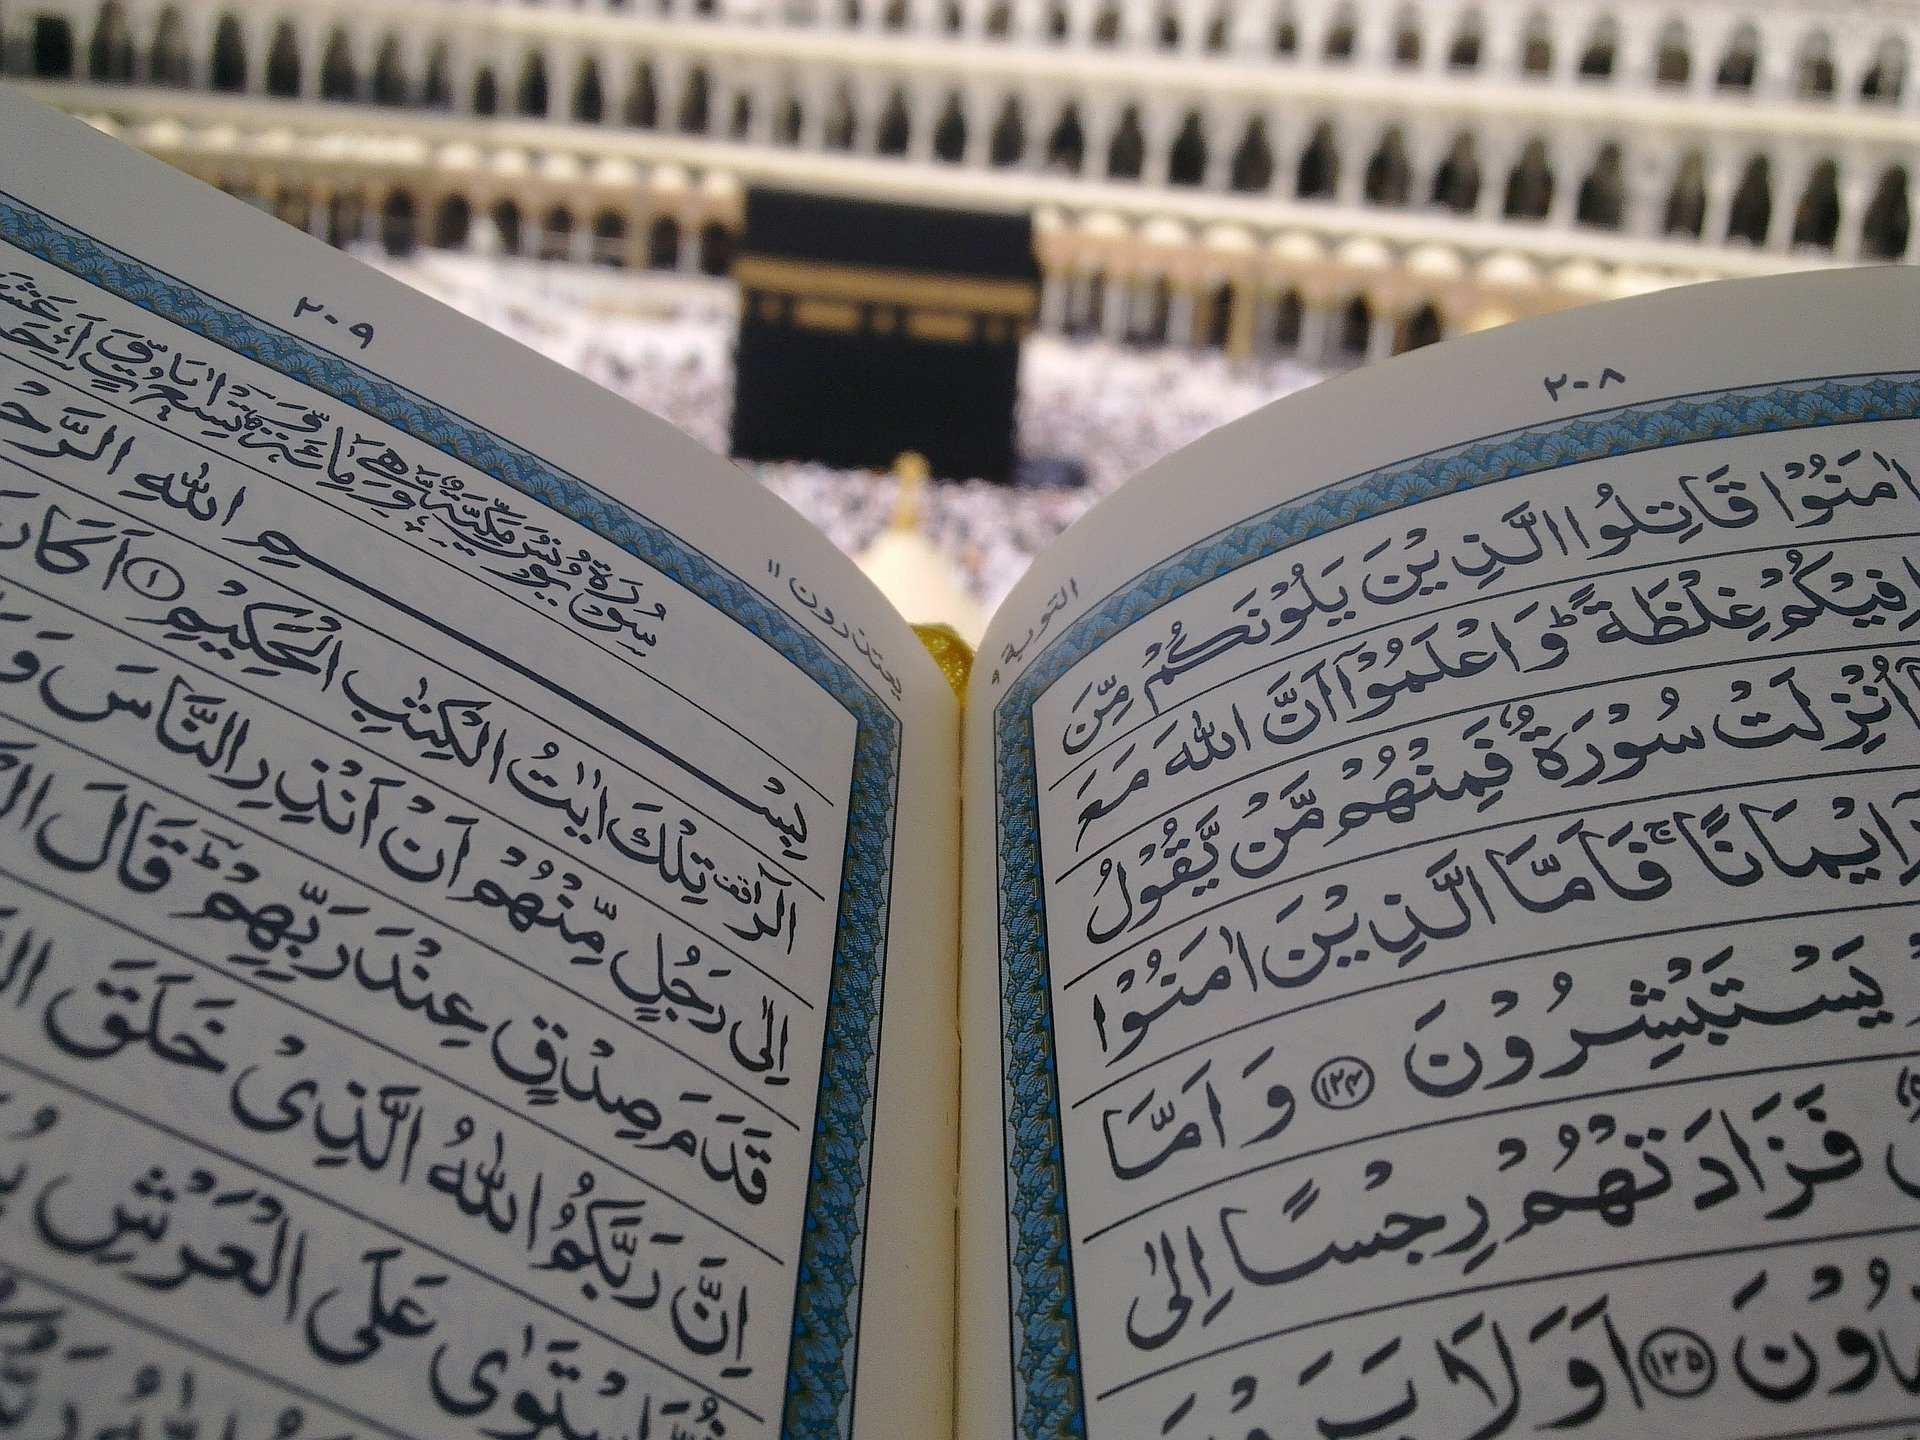 le Coran, le livre sacré des musulmans